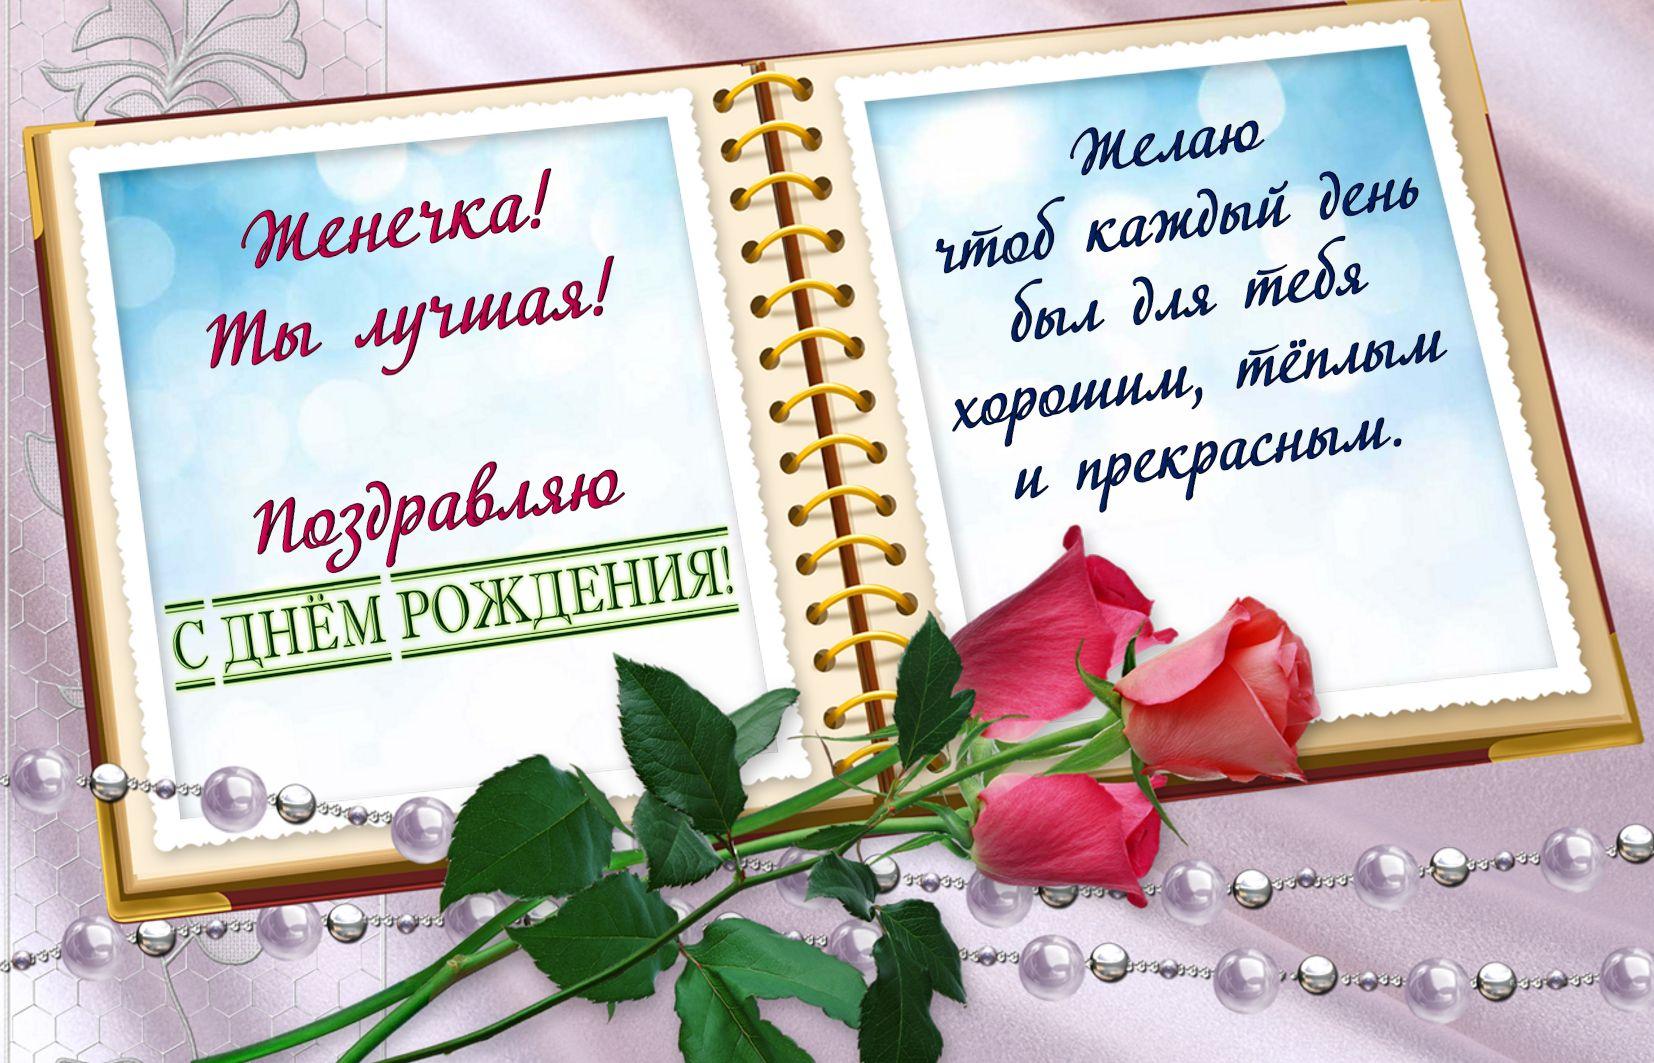 Открытки с днем рождения евгении, открытках